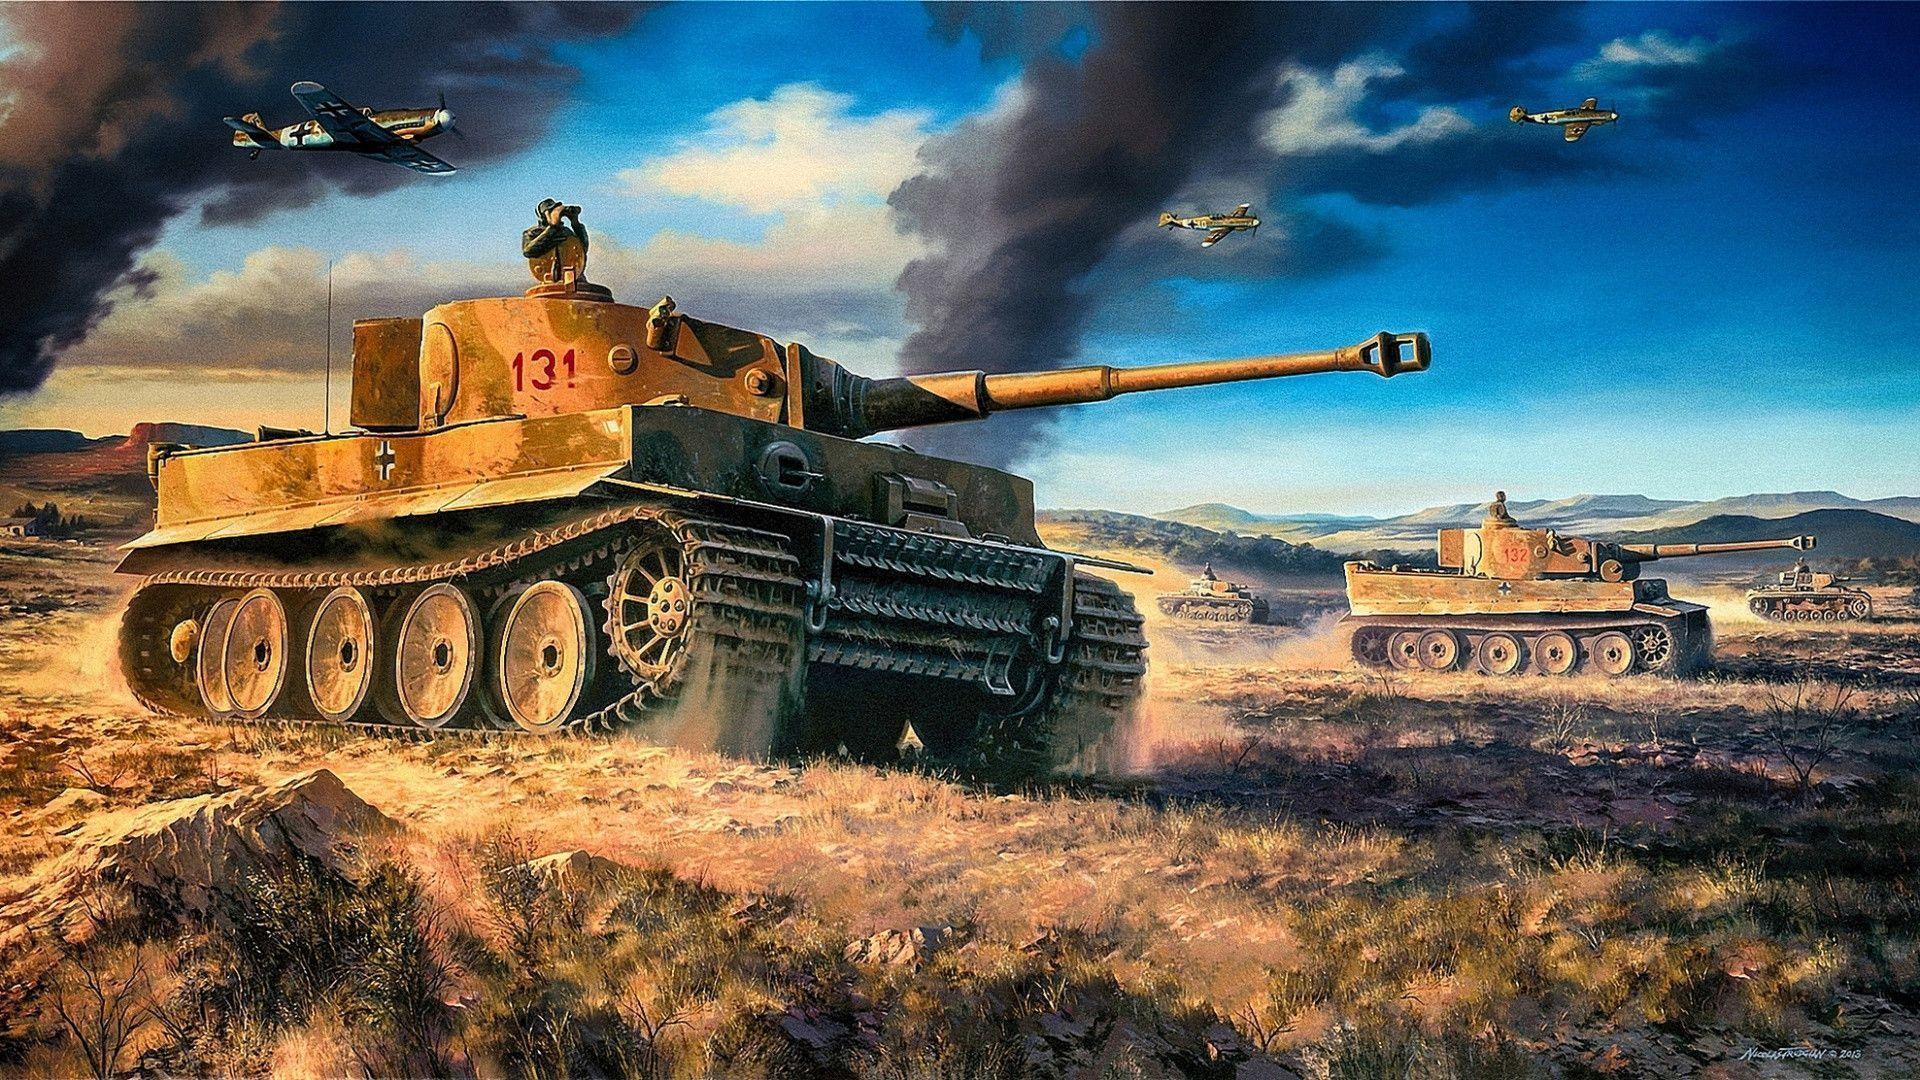 Tank / war Art work 9RBGltP